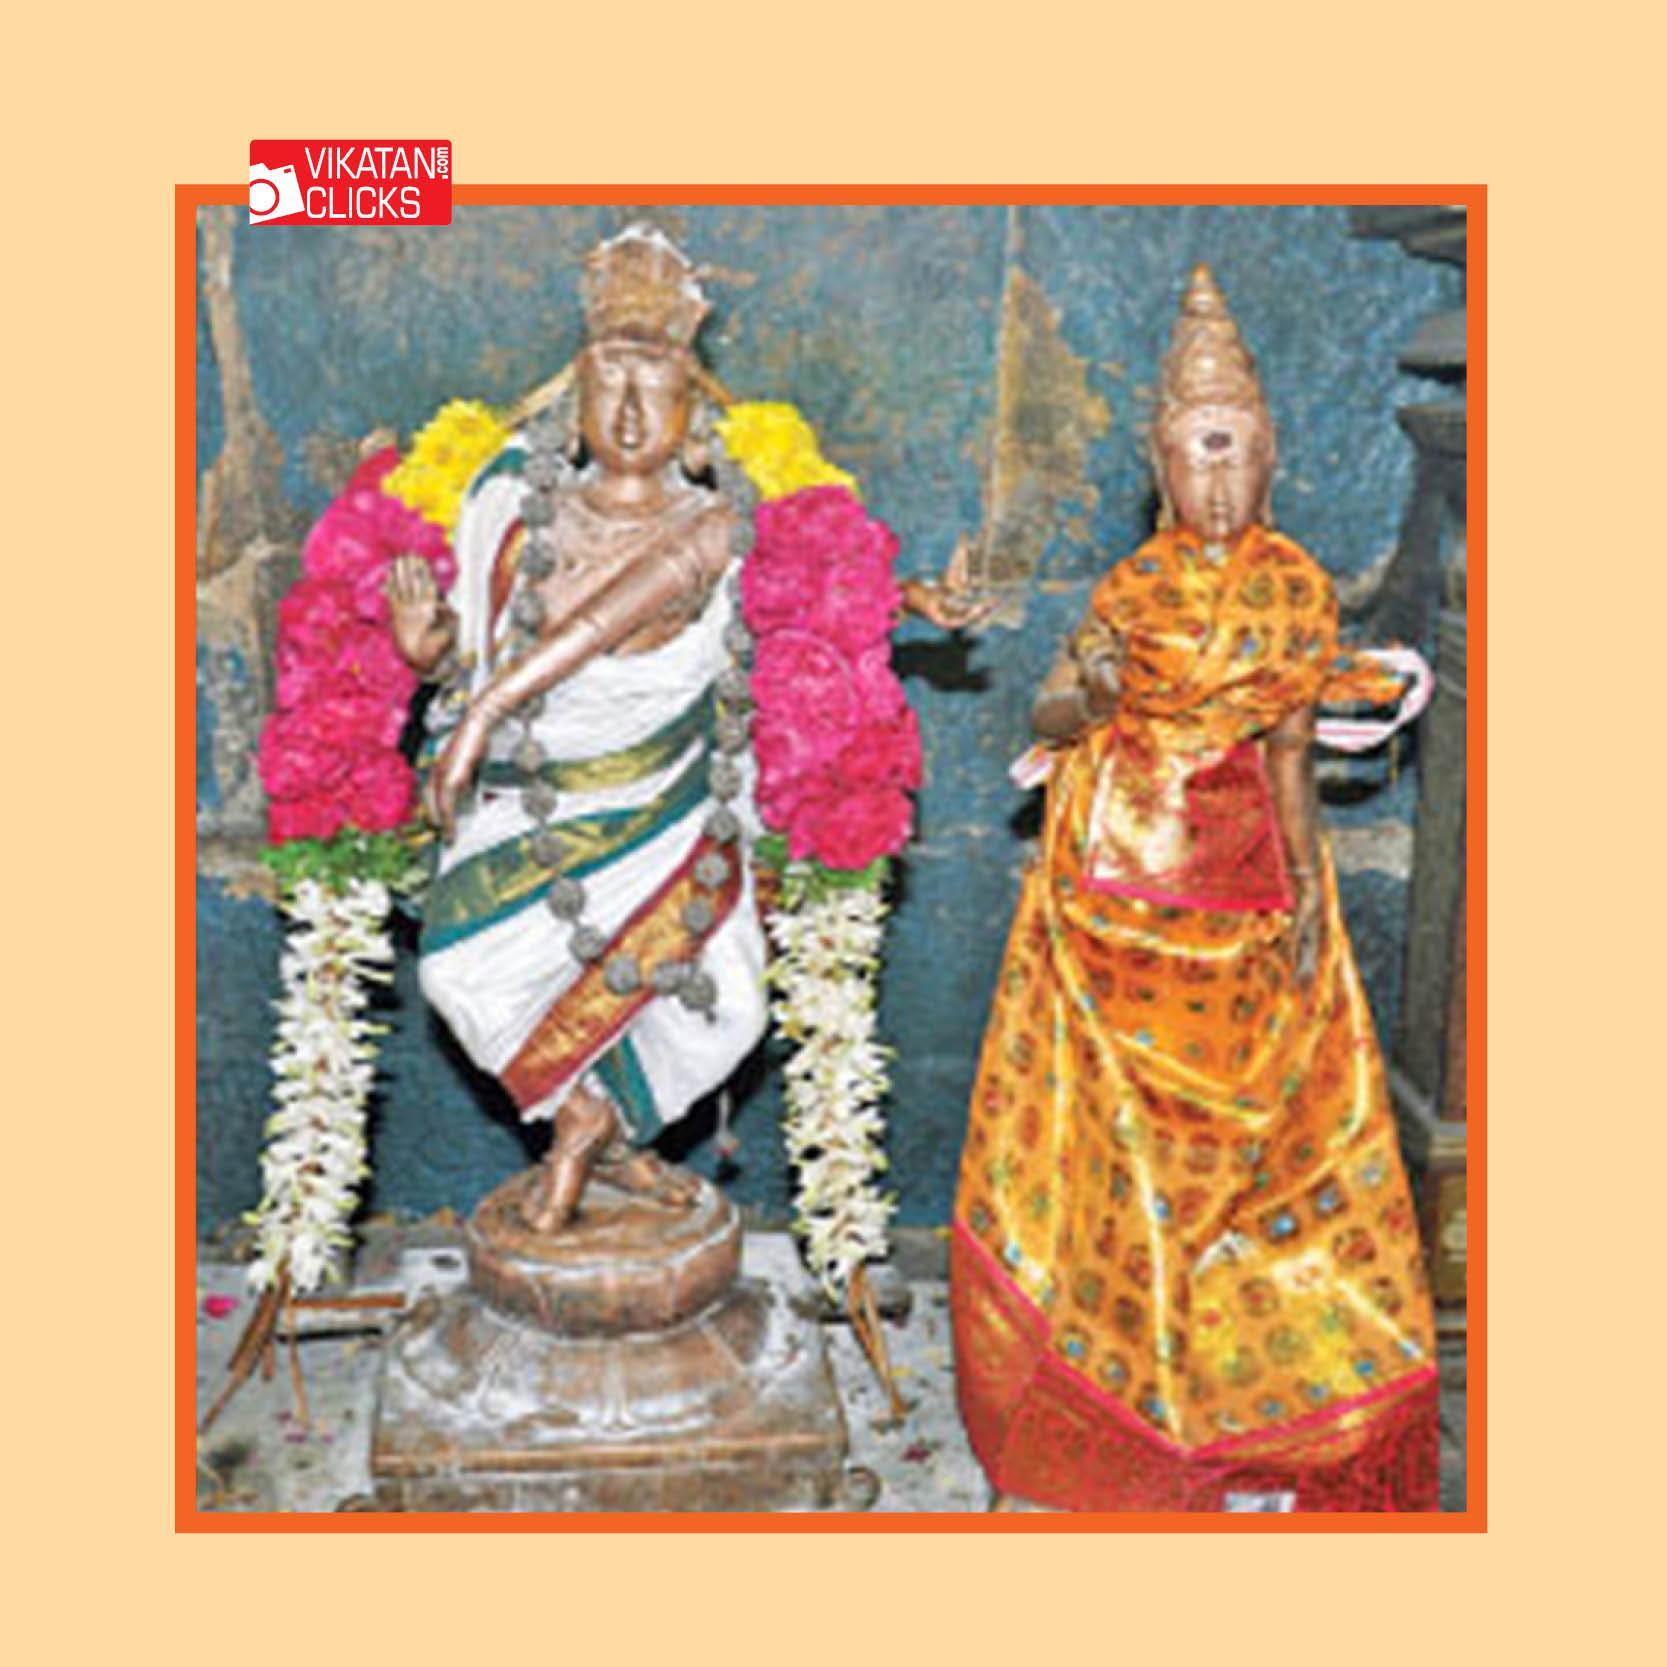 நடராஜர் சிவகாமி